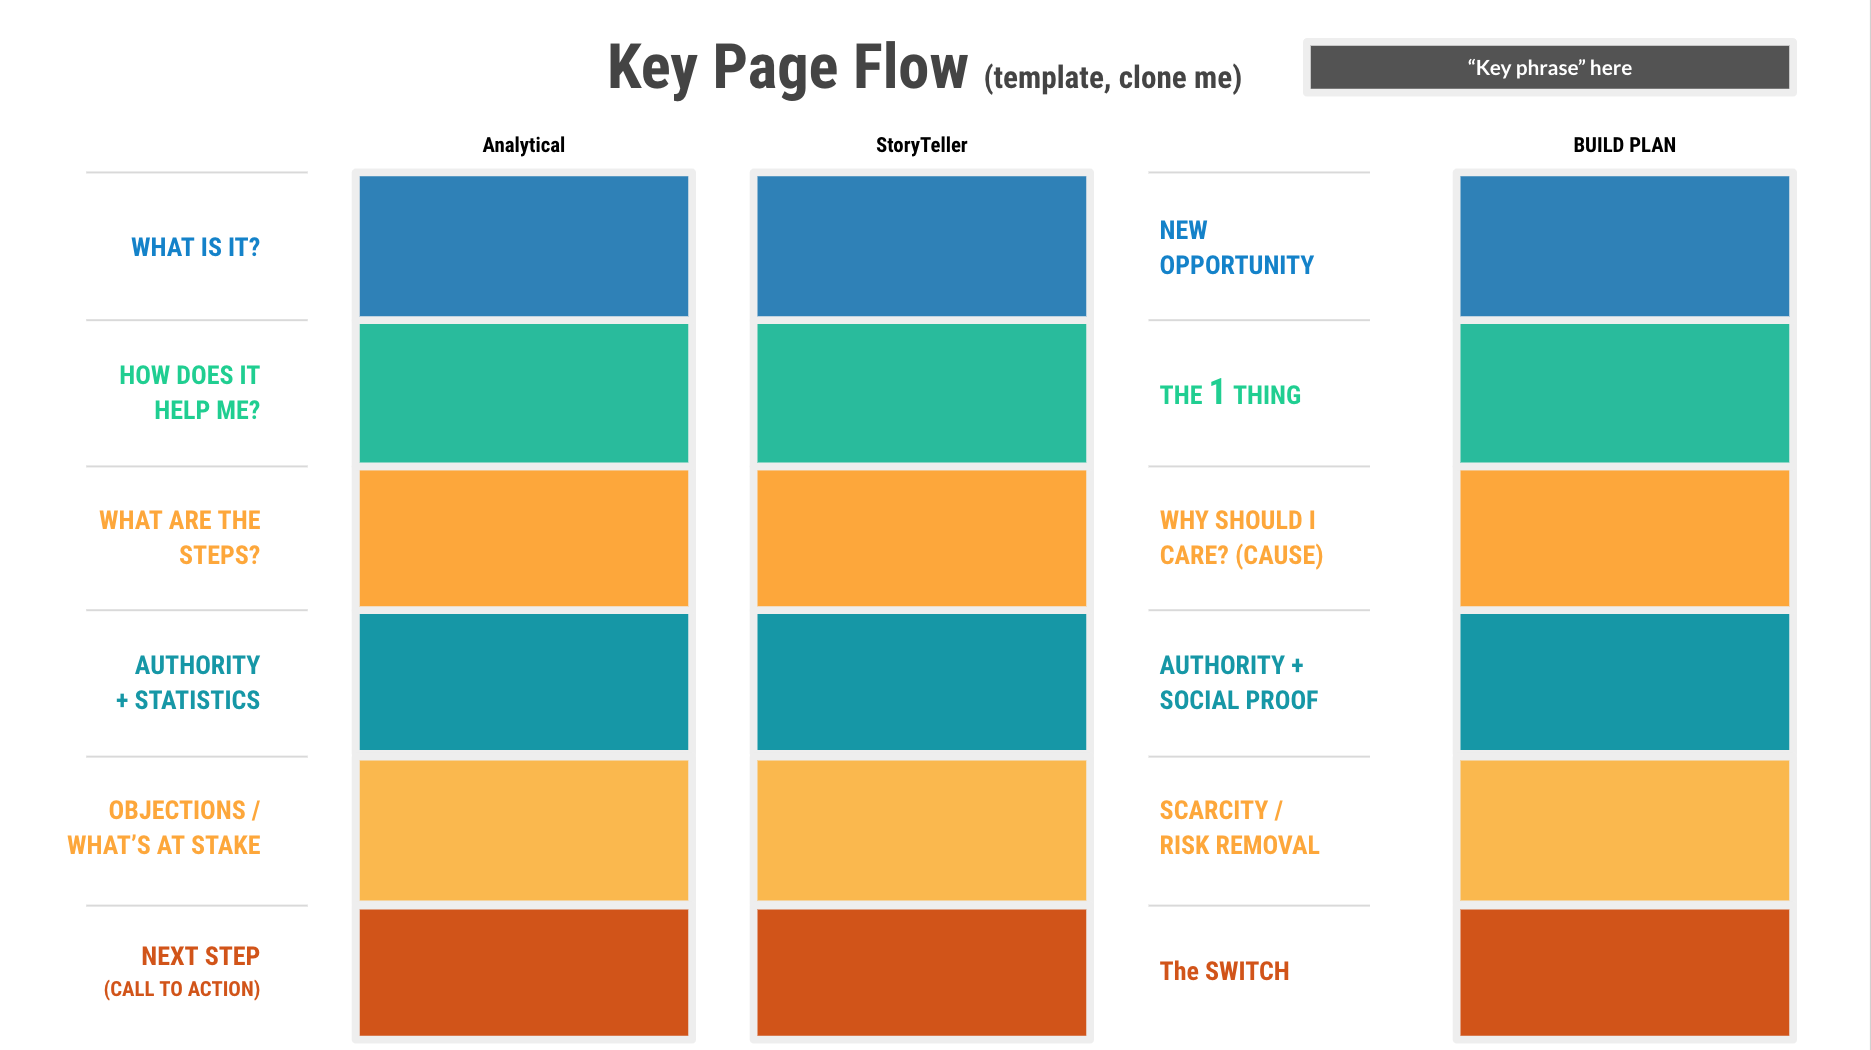 keypageflow